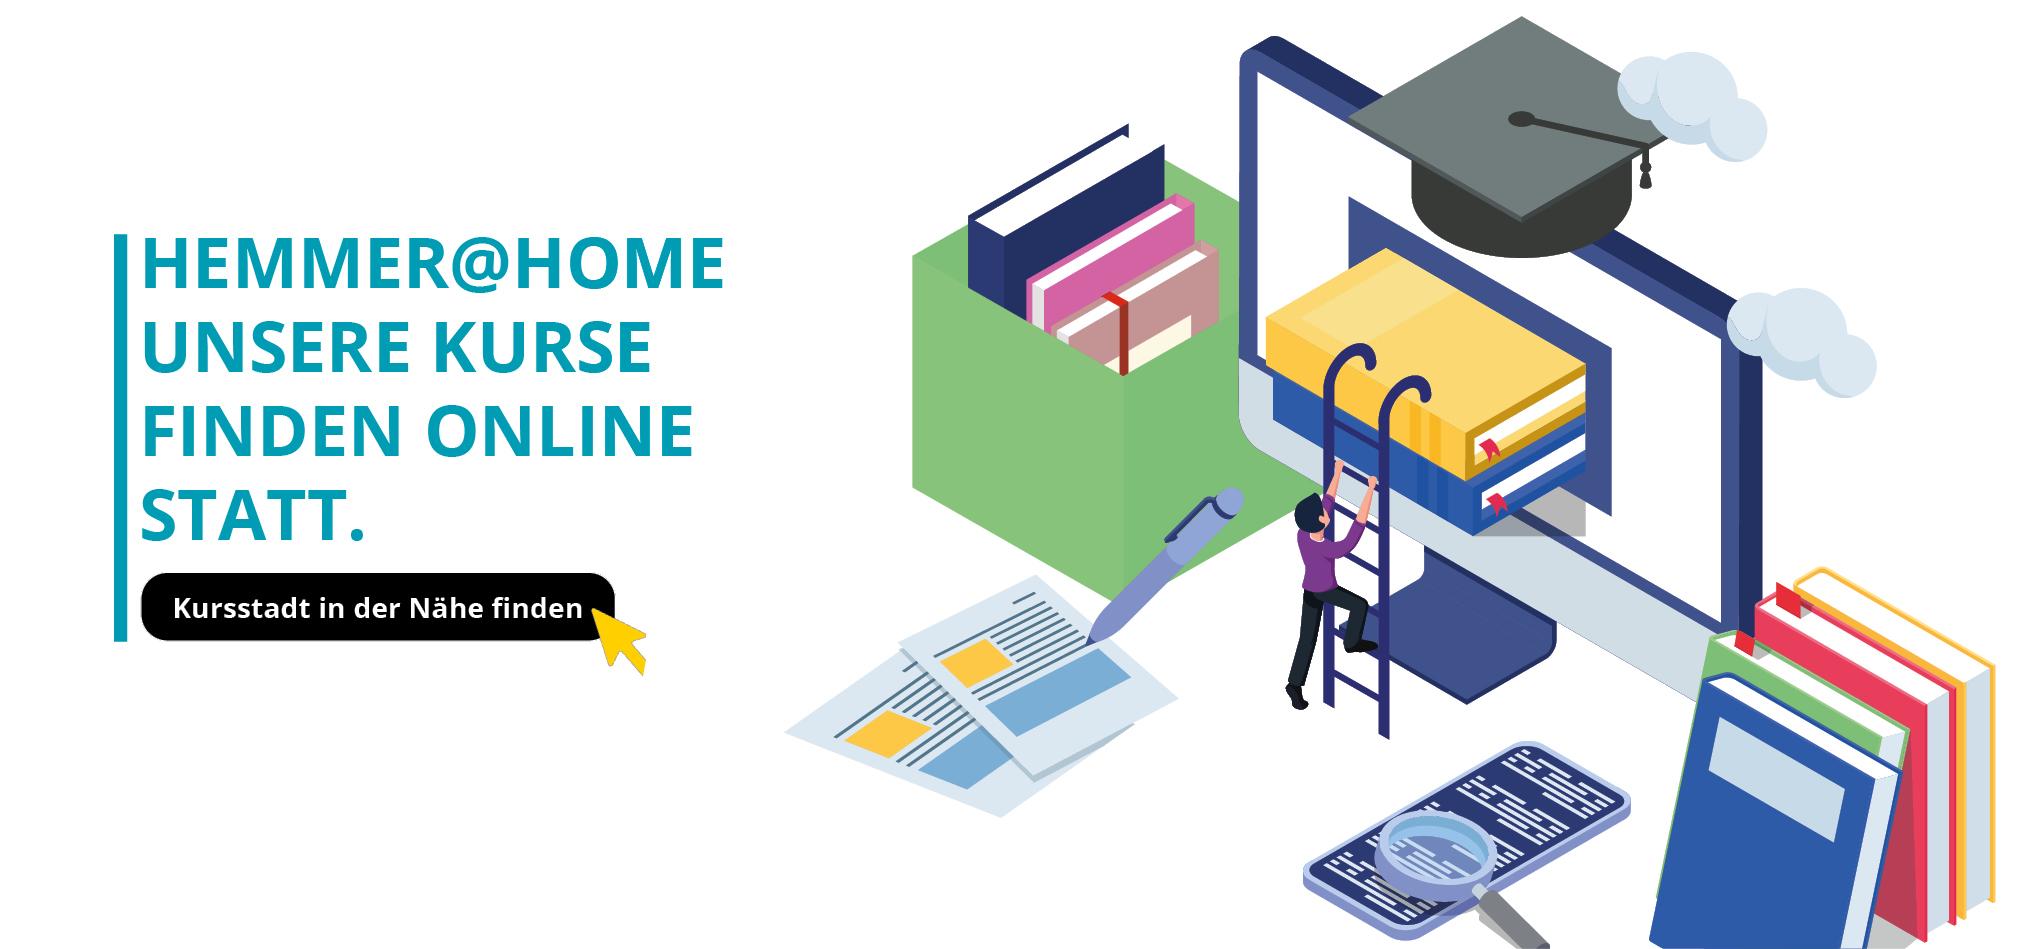 hemmer at home Jura Online Corona